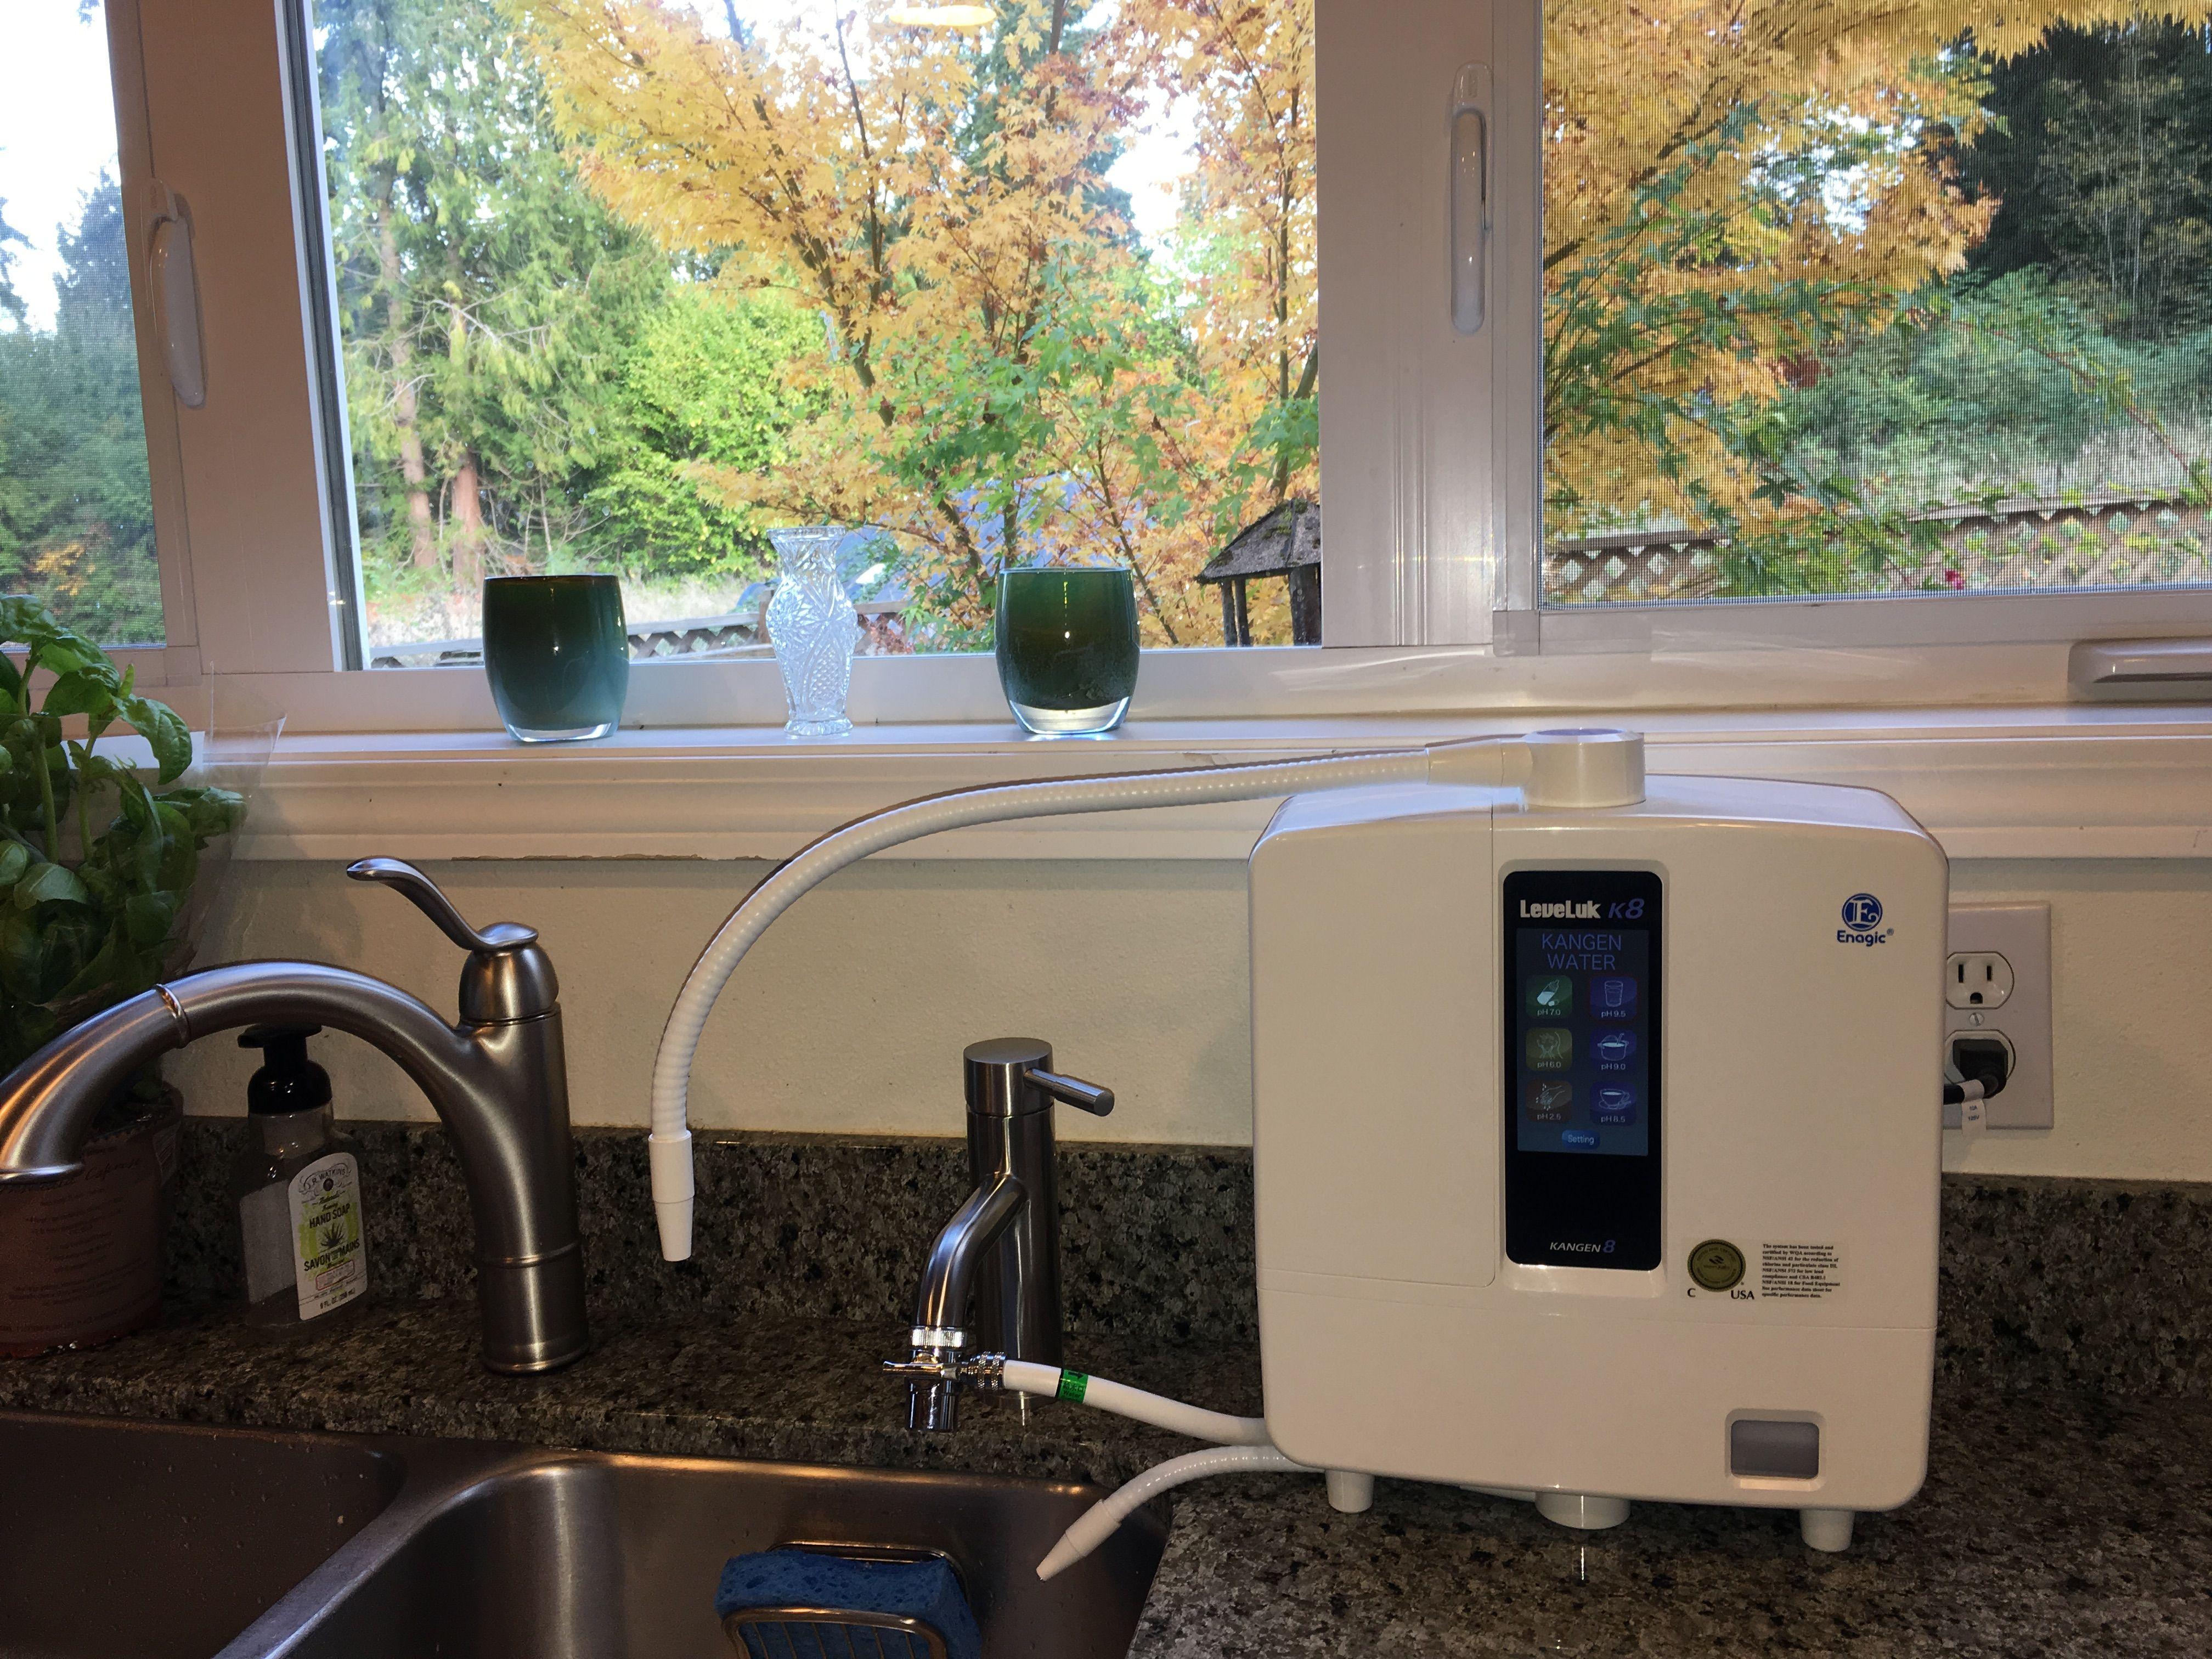 Enagic K8 Kangen Water Setup In Kitchen With Separate Faucet Kangenwater Enagic Changeyourwaterchangeyourlife Kangen Water Alkalized Water Kangen